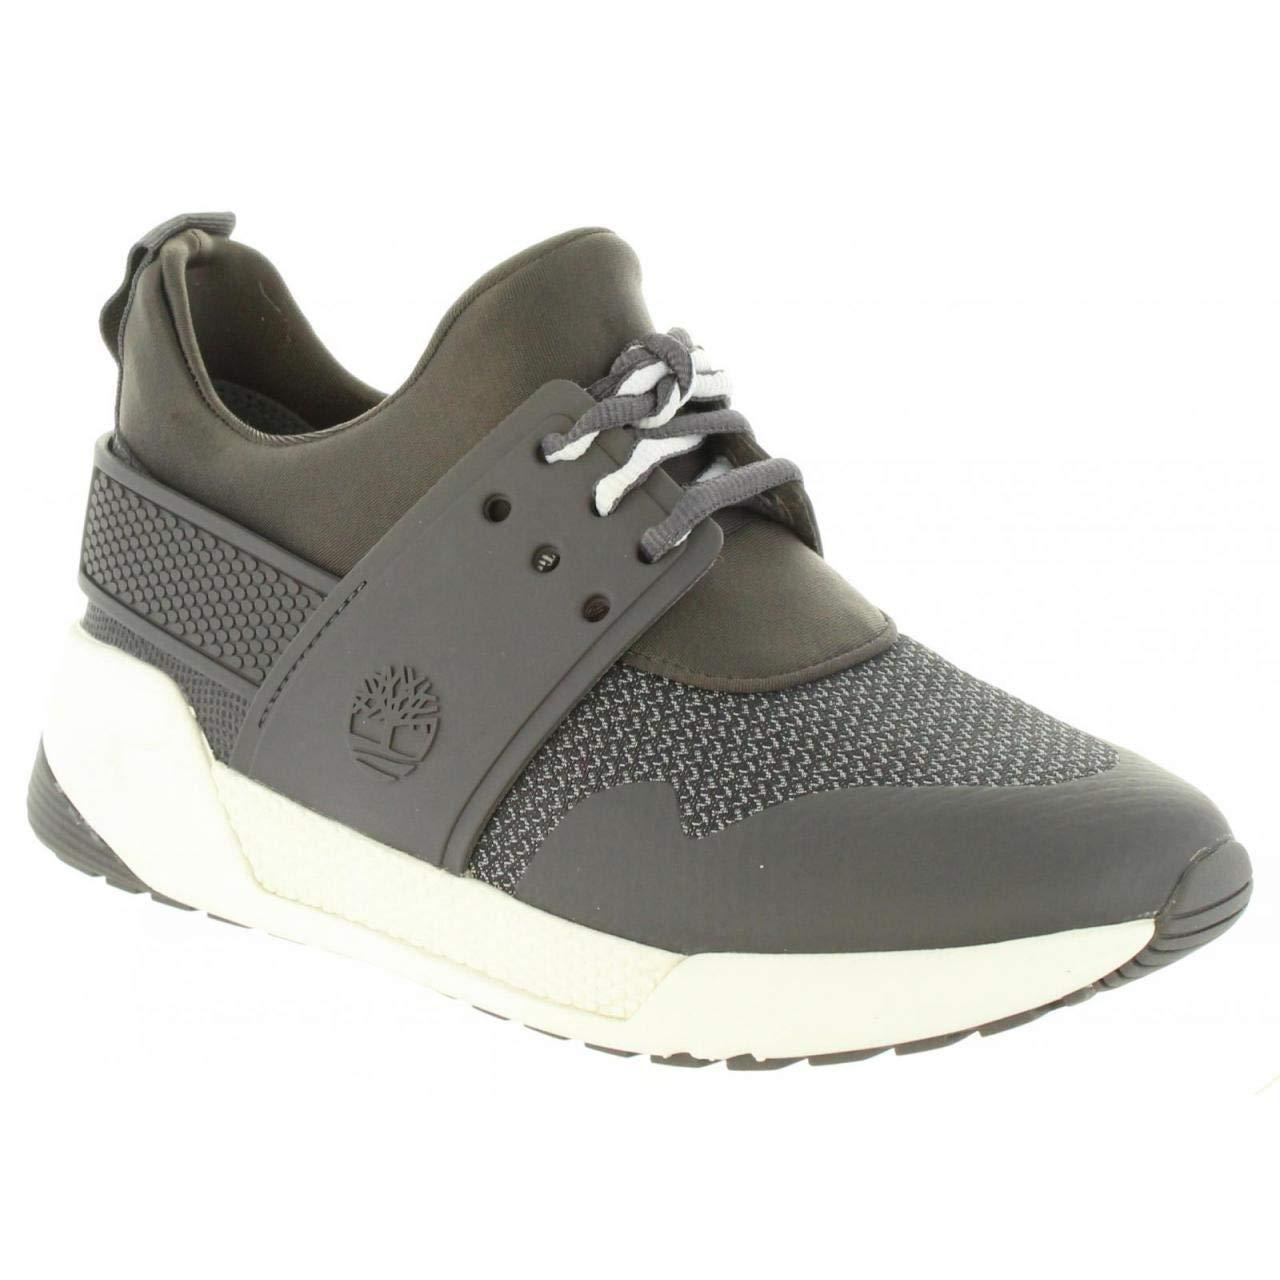 Chaussures de sport pour Femme TIMBERLAND A1S1K FLYROAM NAVY